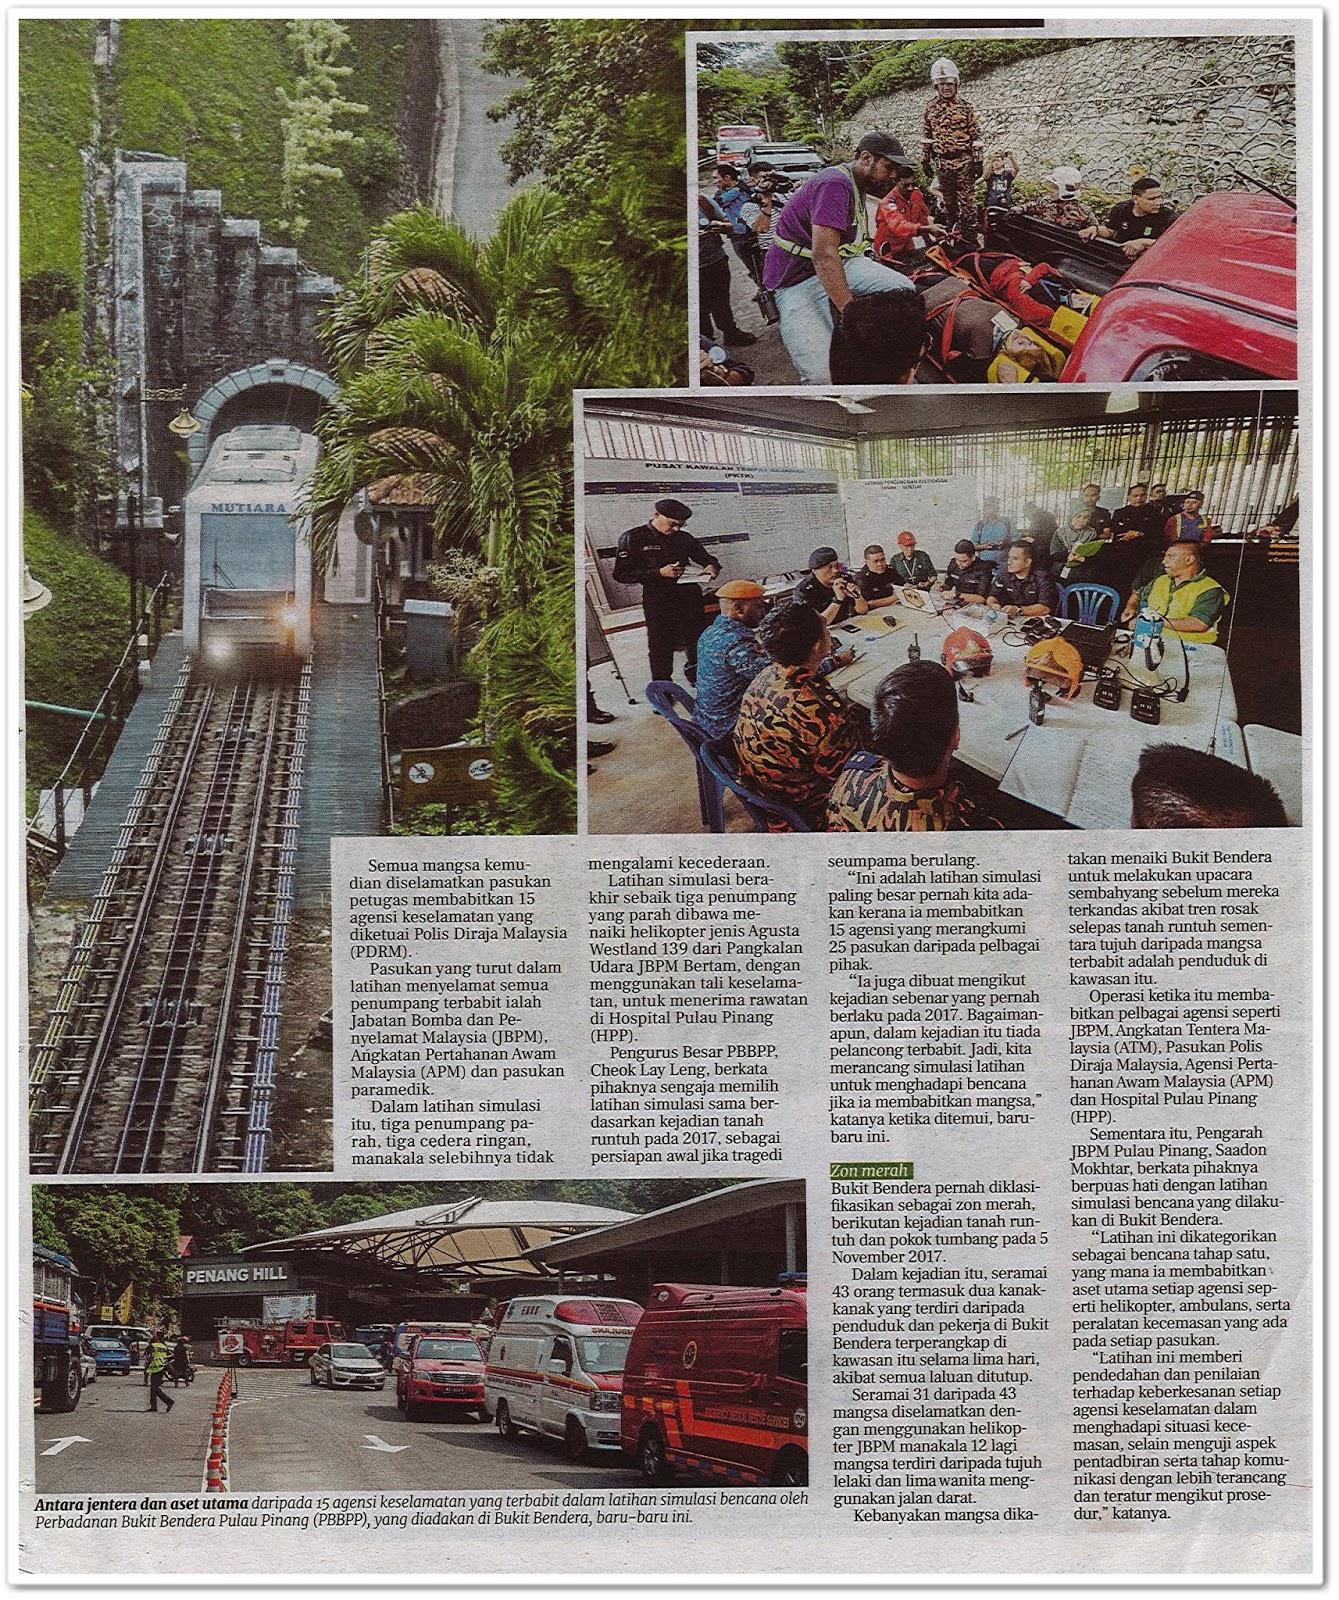 Simulasi bencana Bukit Bendera - Keratan akhbar Berita Harian 3 Ogos 2019